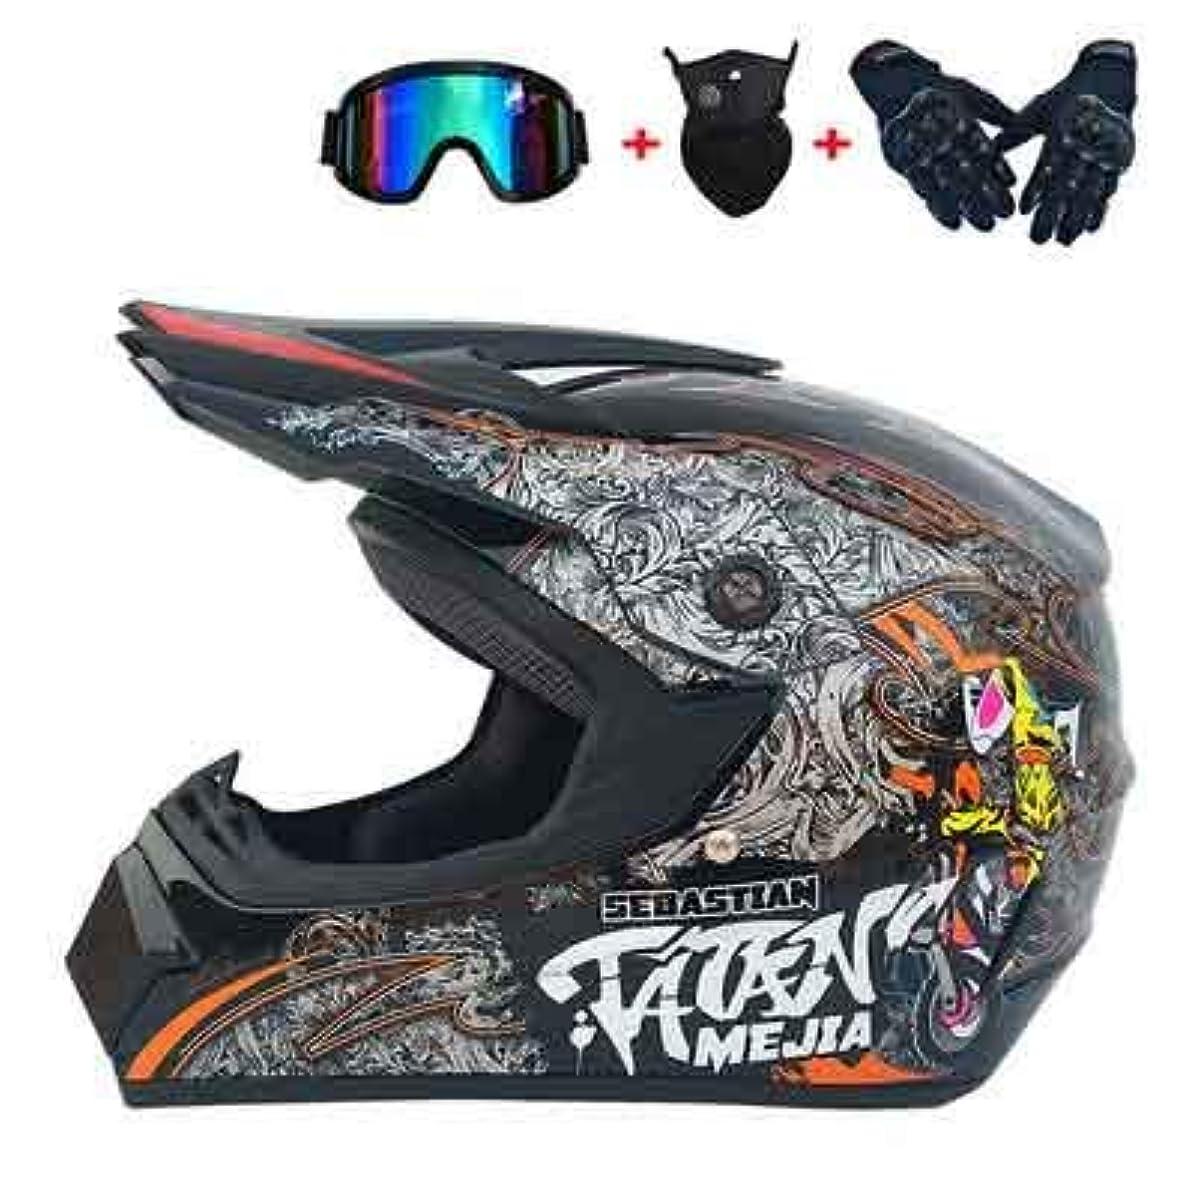 風刺保安最小モトクロスヘルメット、大人用フルフェイス&BMXヘルメット、クールな機関車オフロードバイクバイクATVヘルメット、MTBクアッドホイールバイクレーシングクラッシュヘルメット、DOT承認